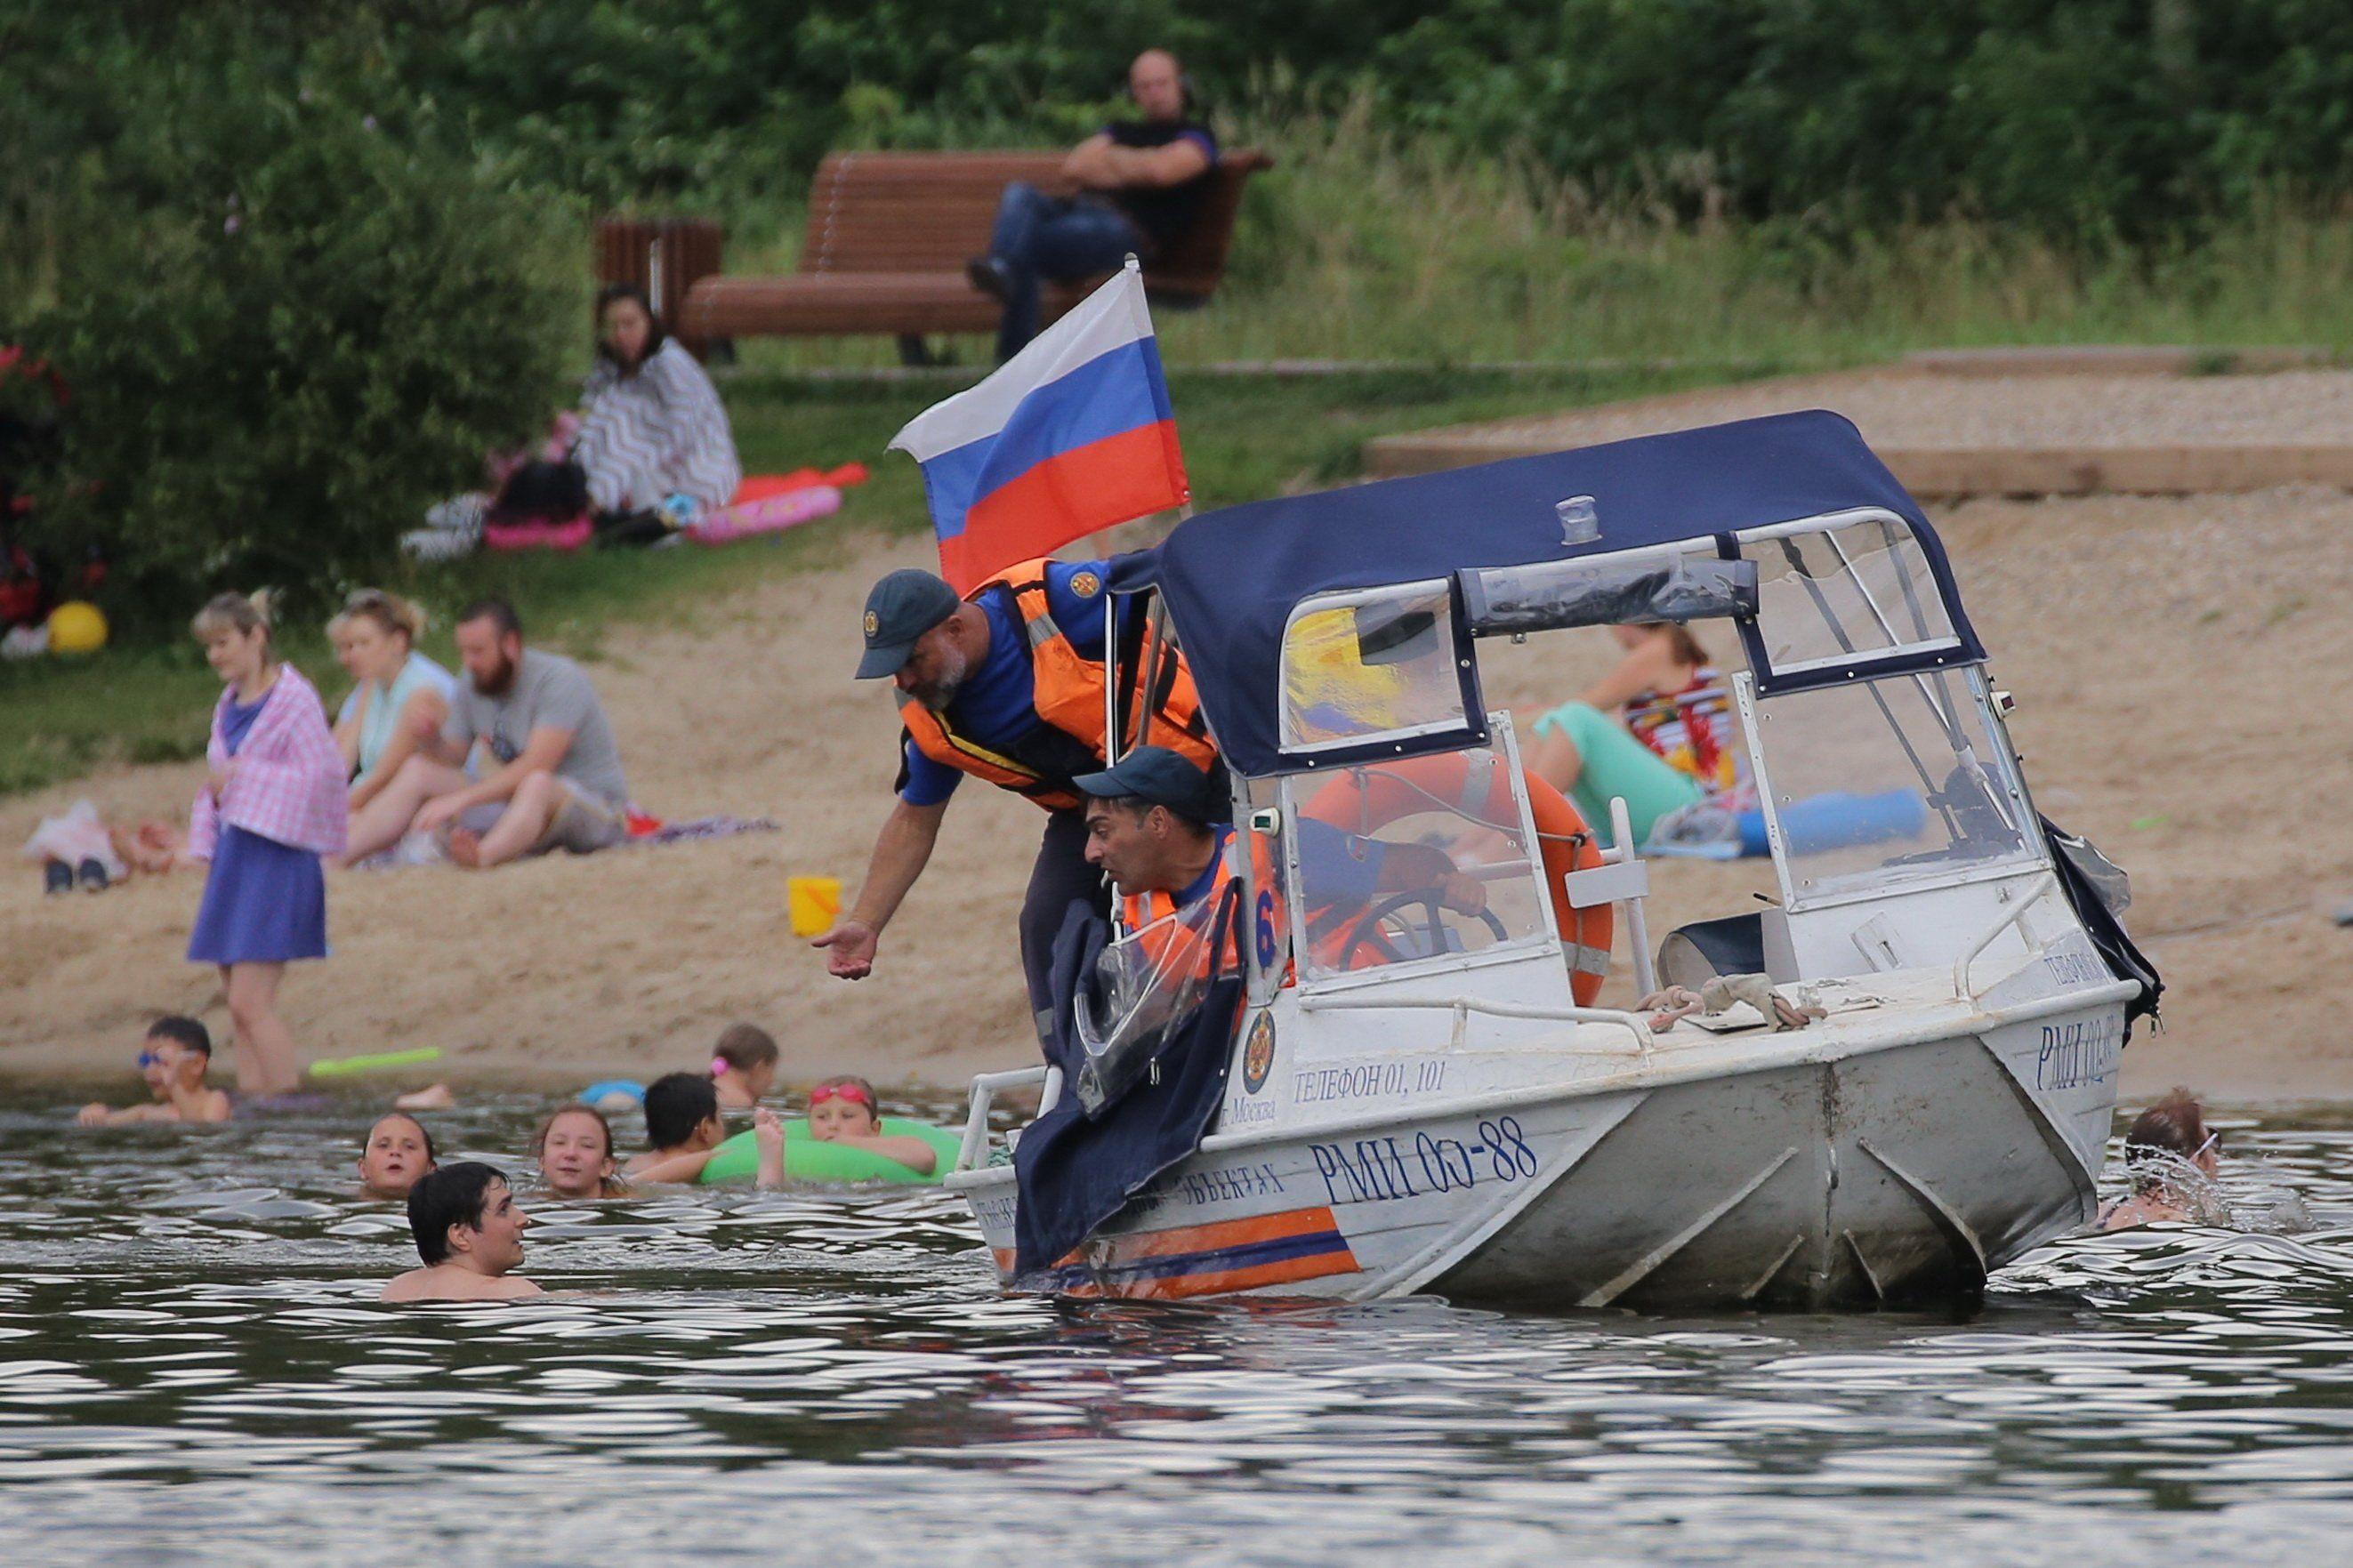 Московские спасатели предупреждают: Будьте осторожны на воде в летний период